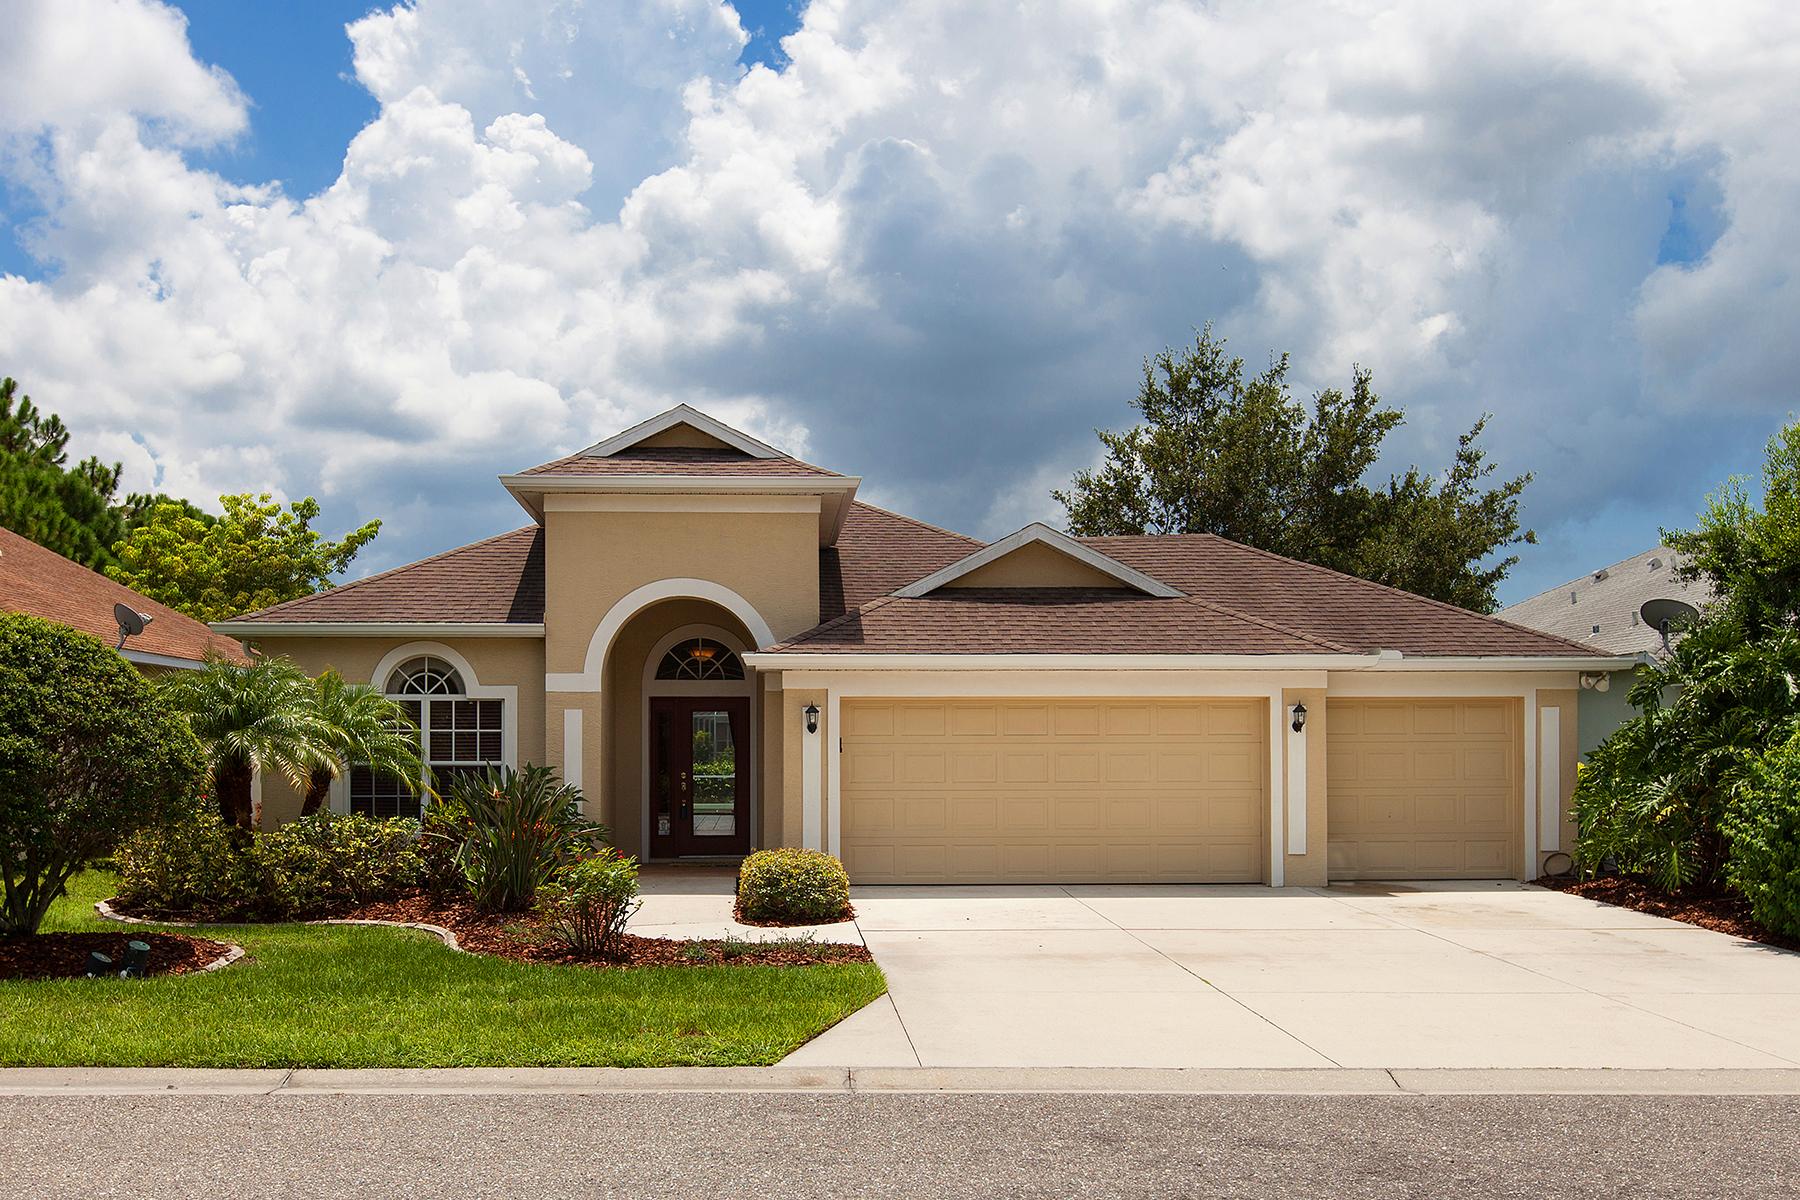 Einfamilienhaus für Verkauf beim COVINGTON PLACE 5658 Oakshire Ave Sarasota, Florida 34233 Vereinigte Staaten